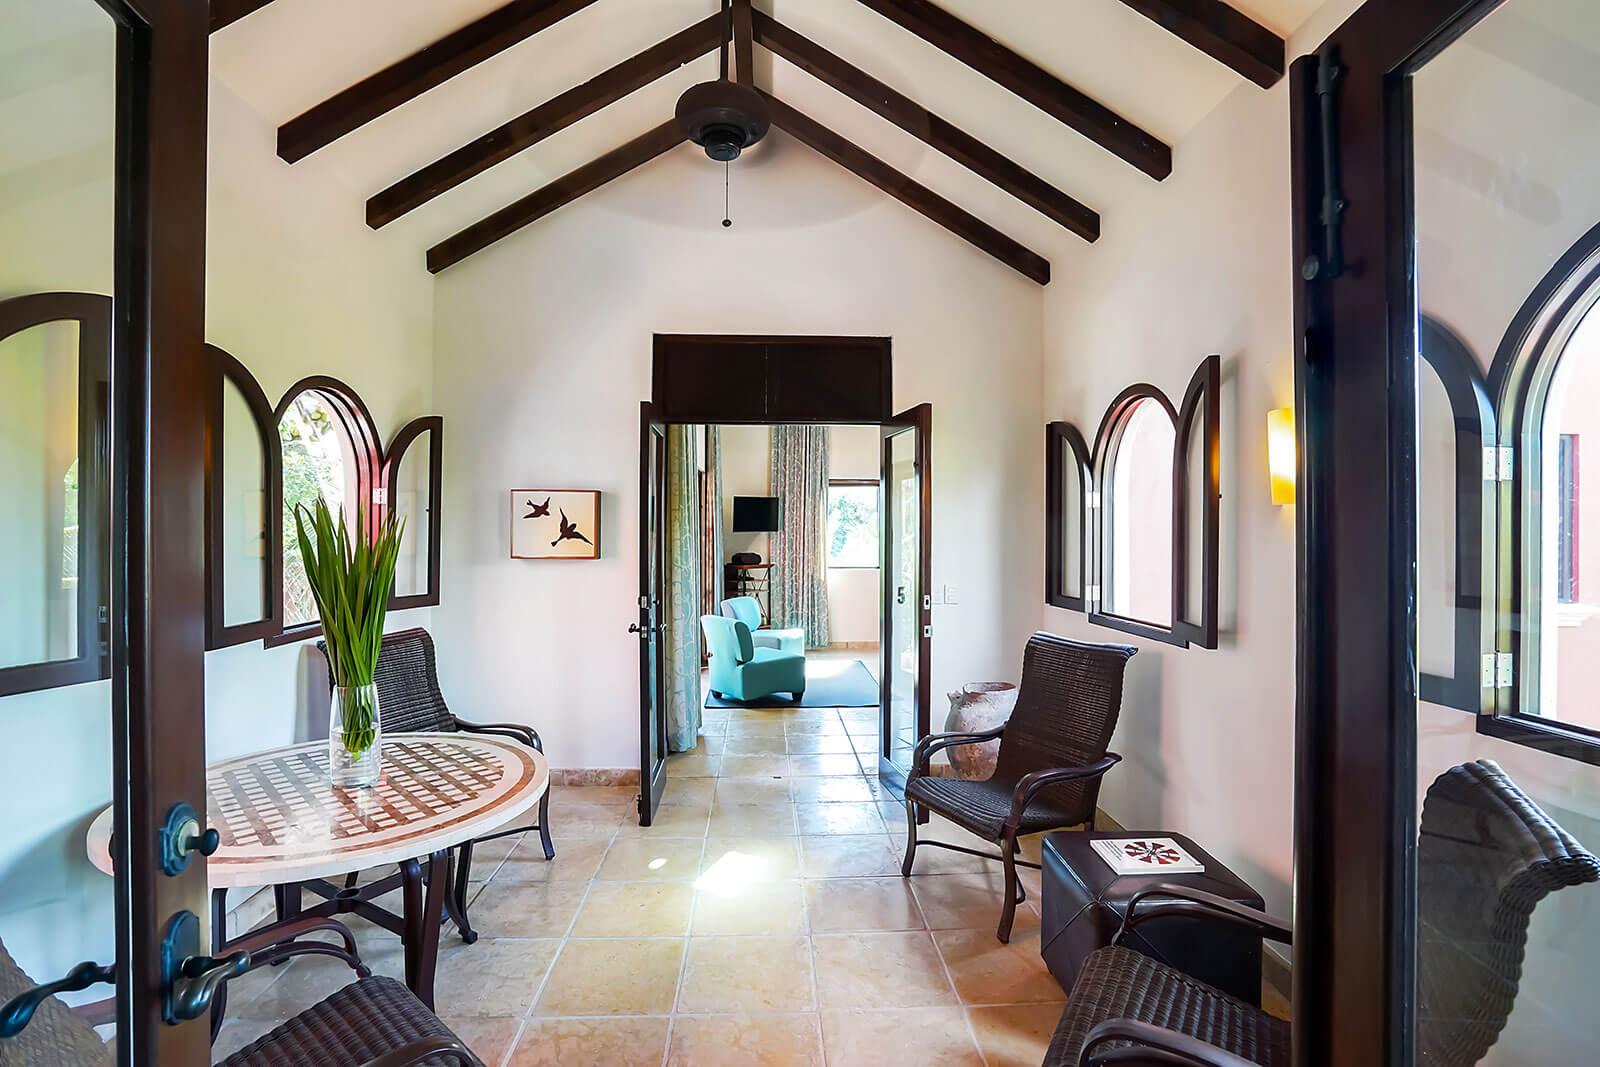 Maya_Luxe_Riviera_Maya_Luxury_Villas_Experiences_Soliman_Bay_6_Bedrooms_Casa_Buena_Suerte_36.jpg